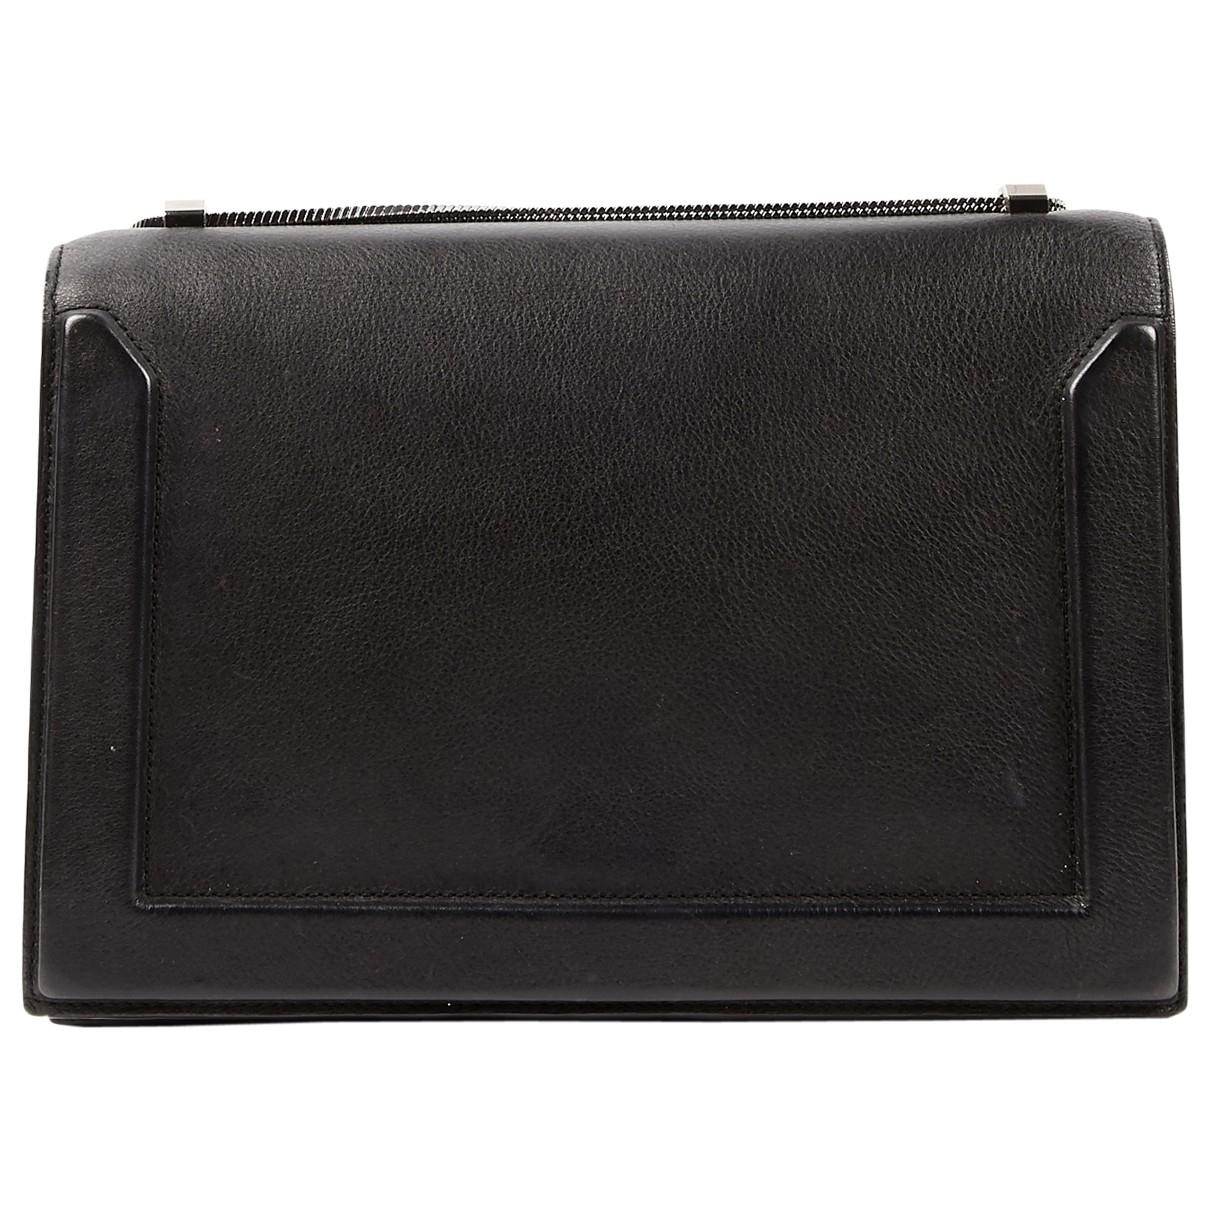 3.1 Phillip Lim \N Handtasche in  Schwarz Leder